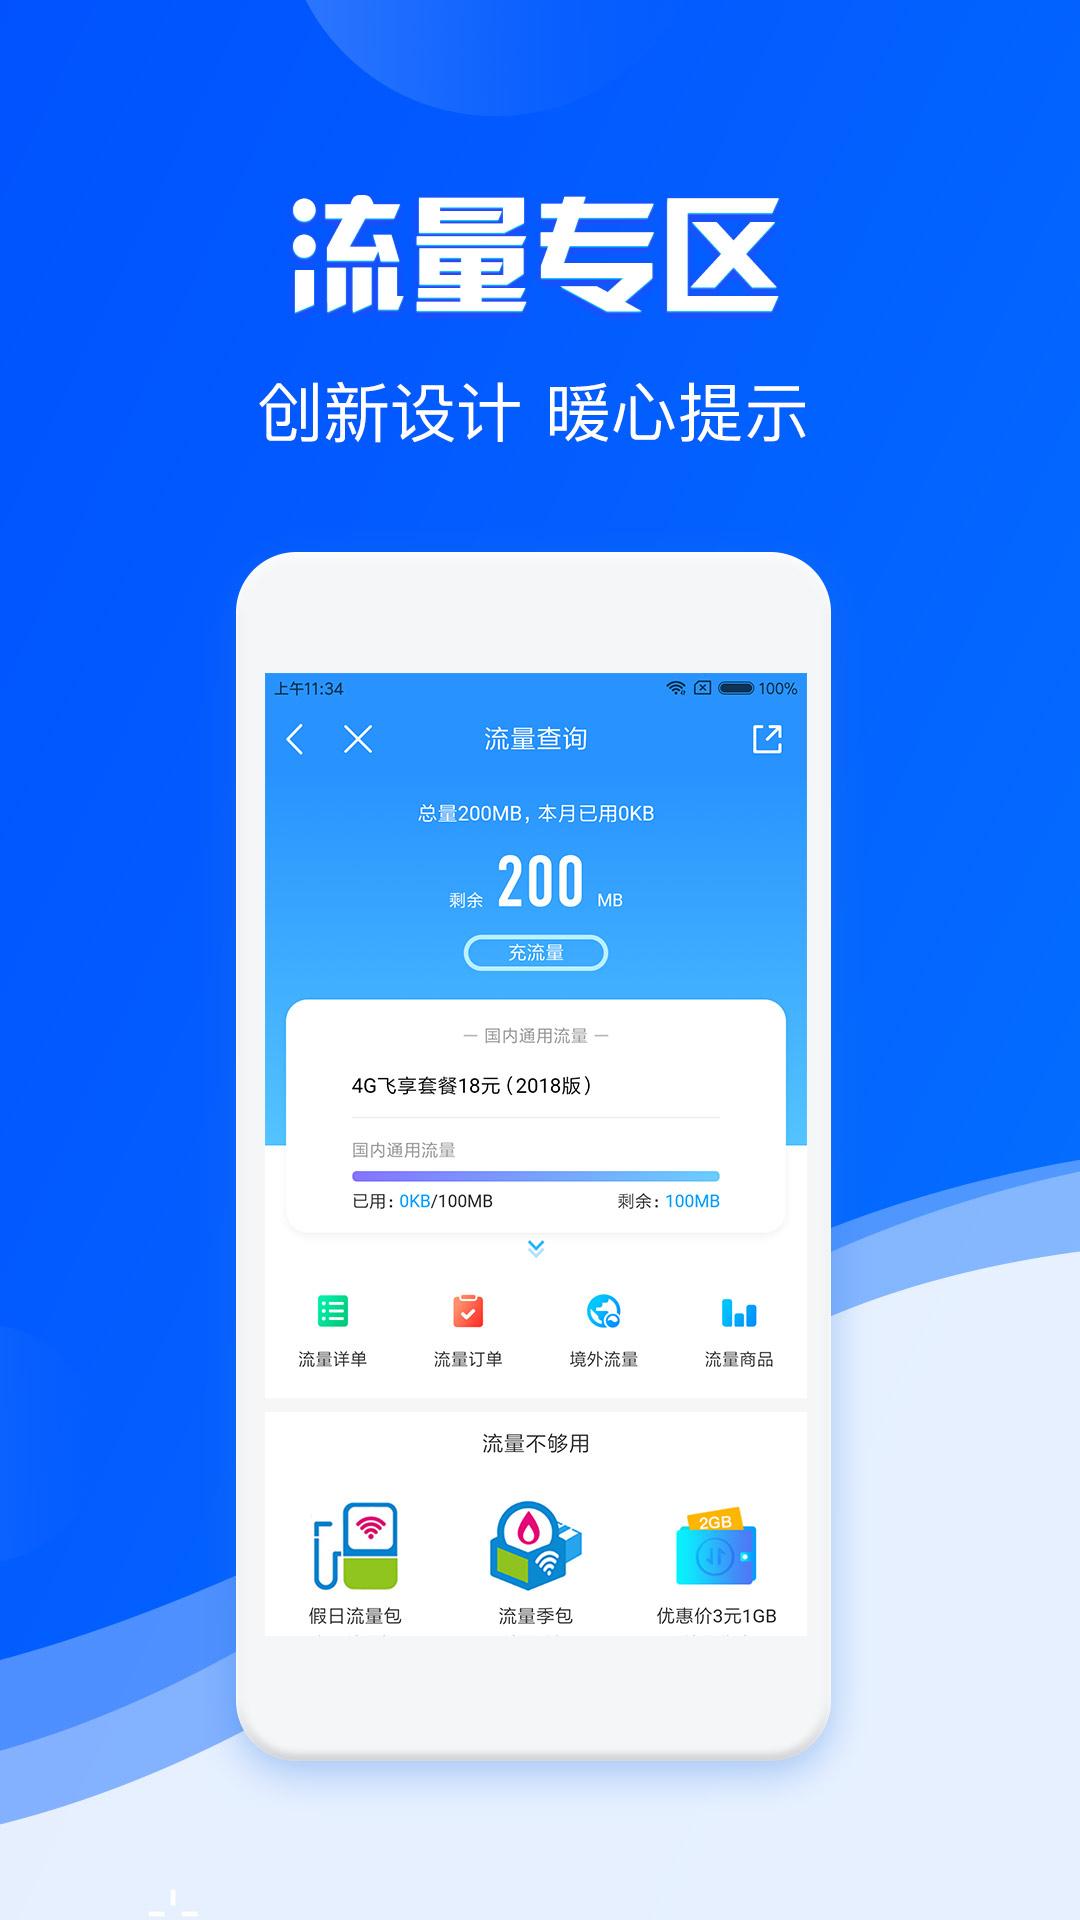 中国移动手机营业厅 V6.1.0 安卓版截图1